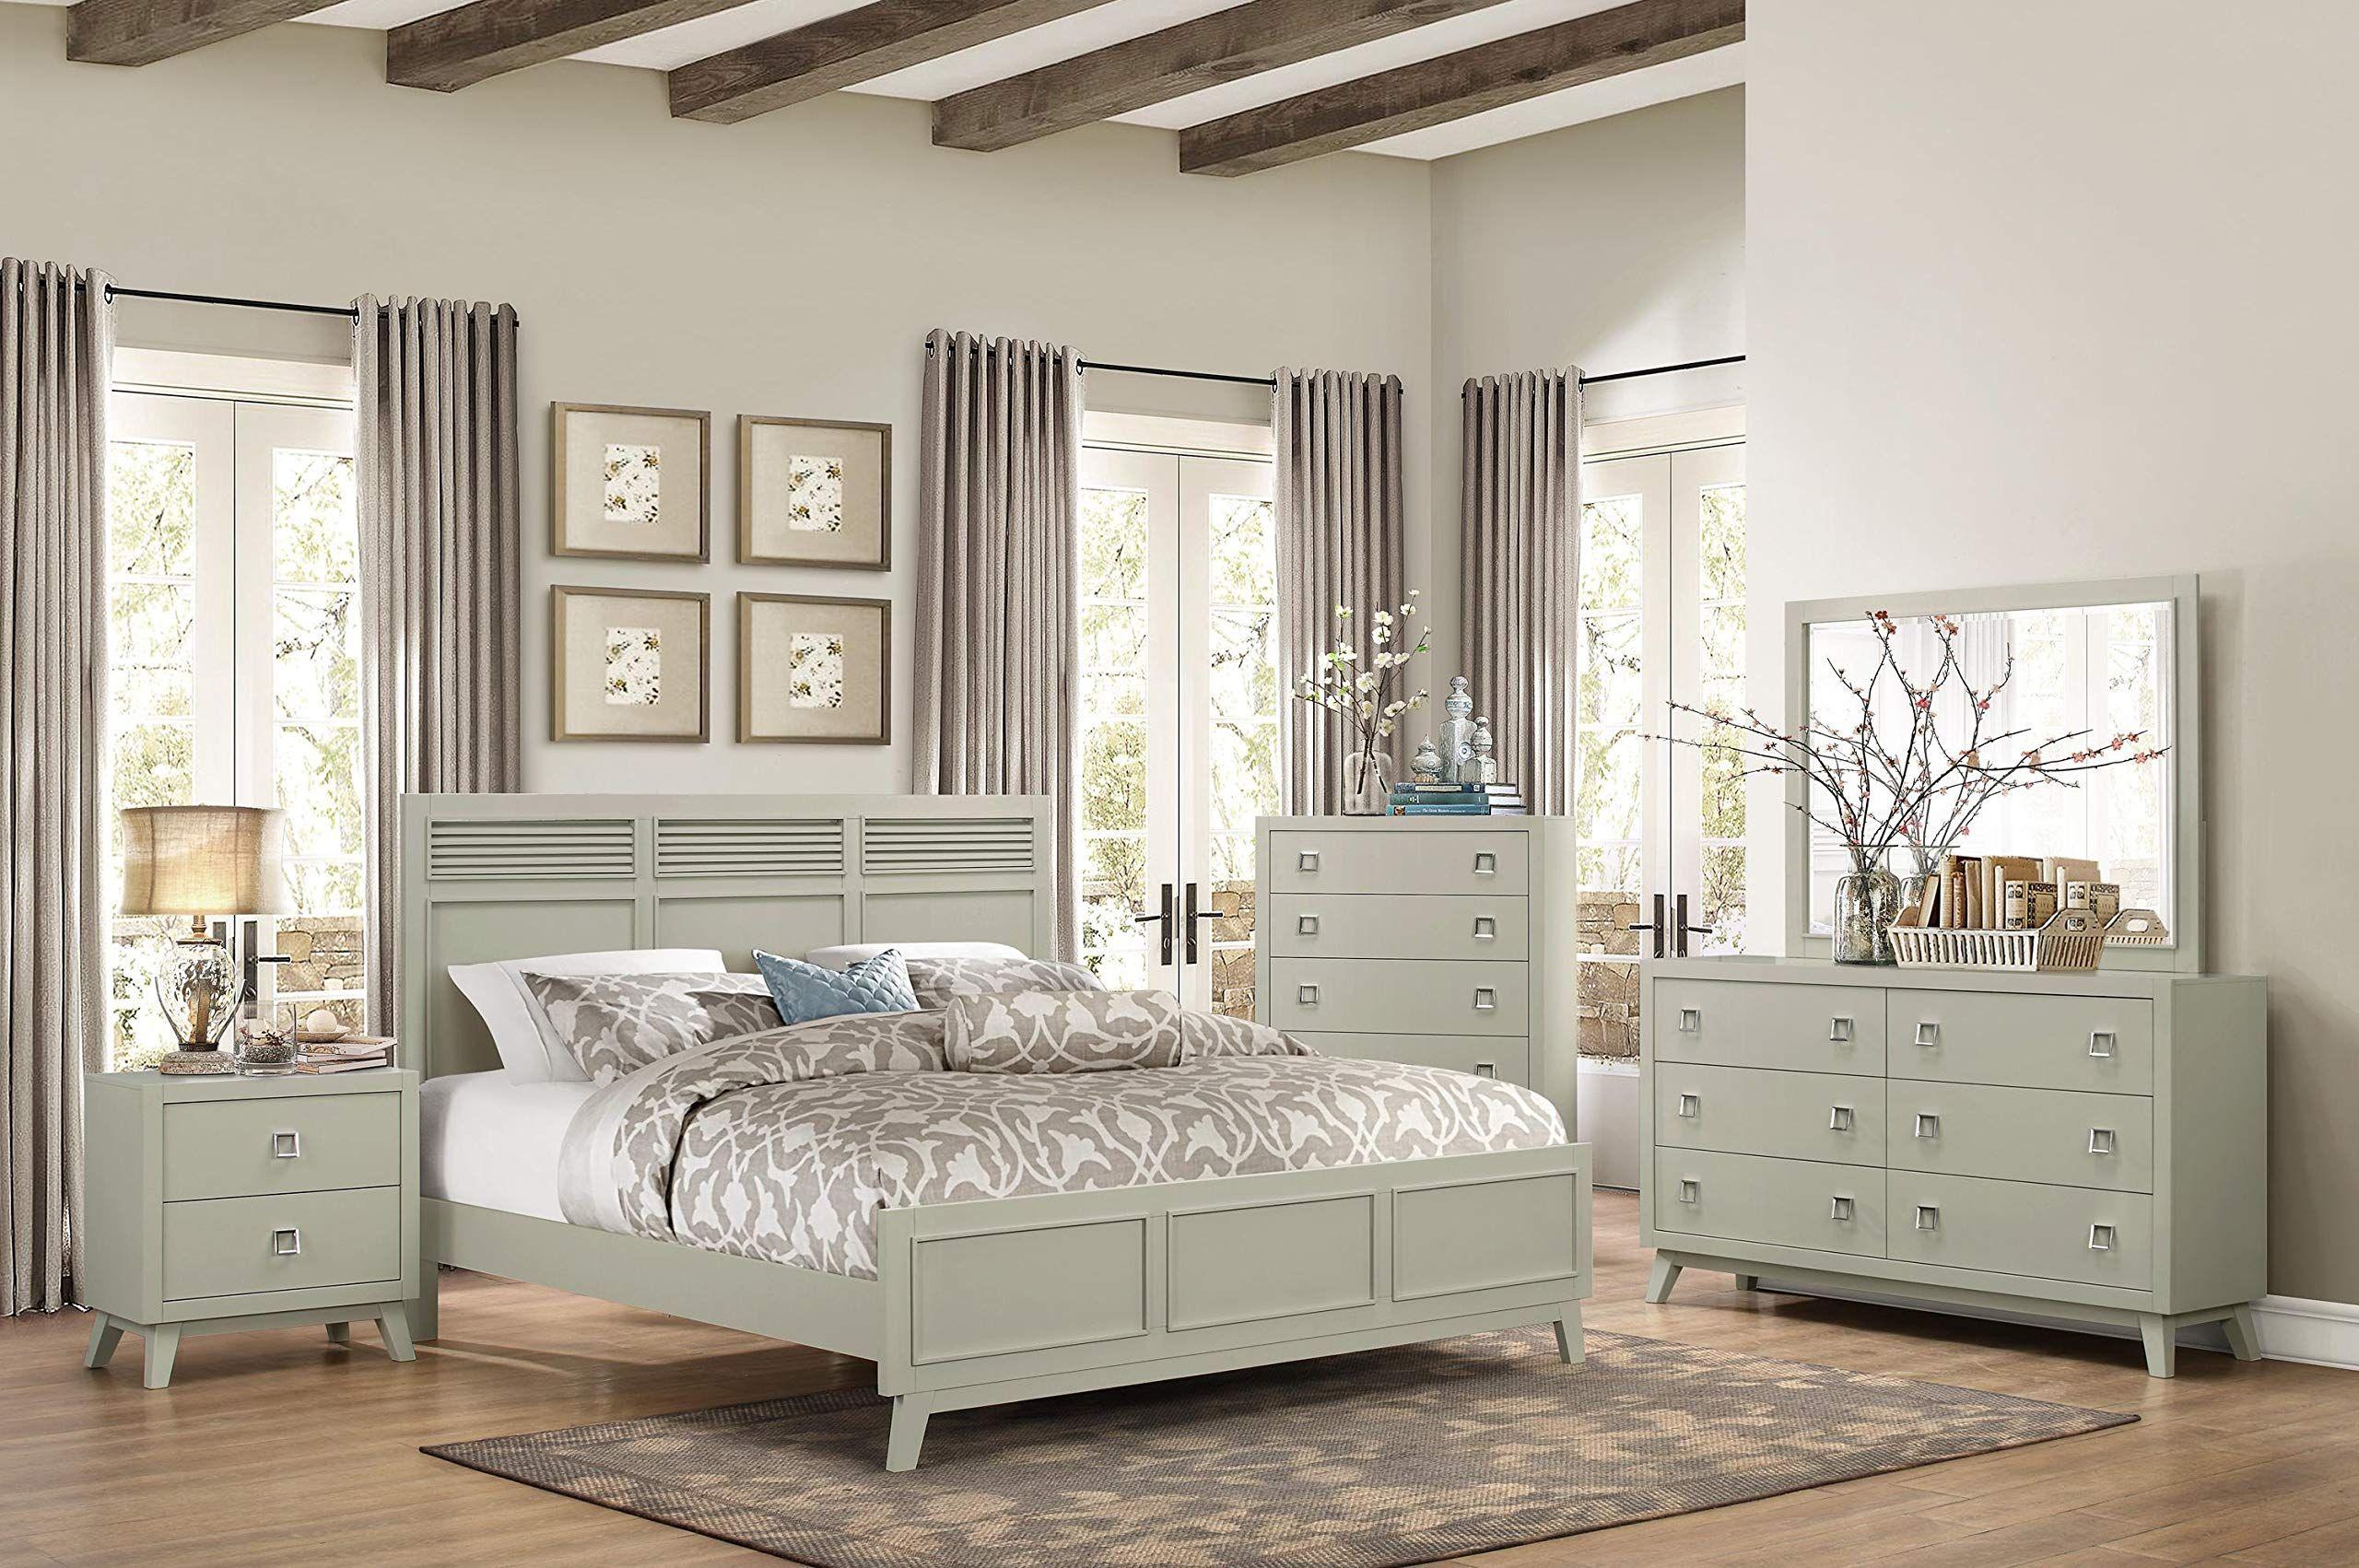 Valas Coastal 5pc Bedroom Set Cal King Bed Dresser Mirror 2 Nightstand In Arctic Grey Grey Bedroom Furniture Grey Bedroom Furniture Sets Light Gray Bedroom